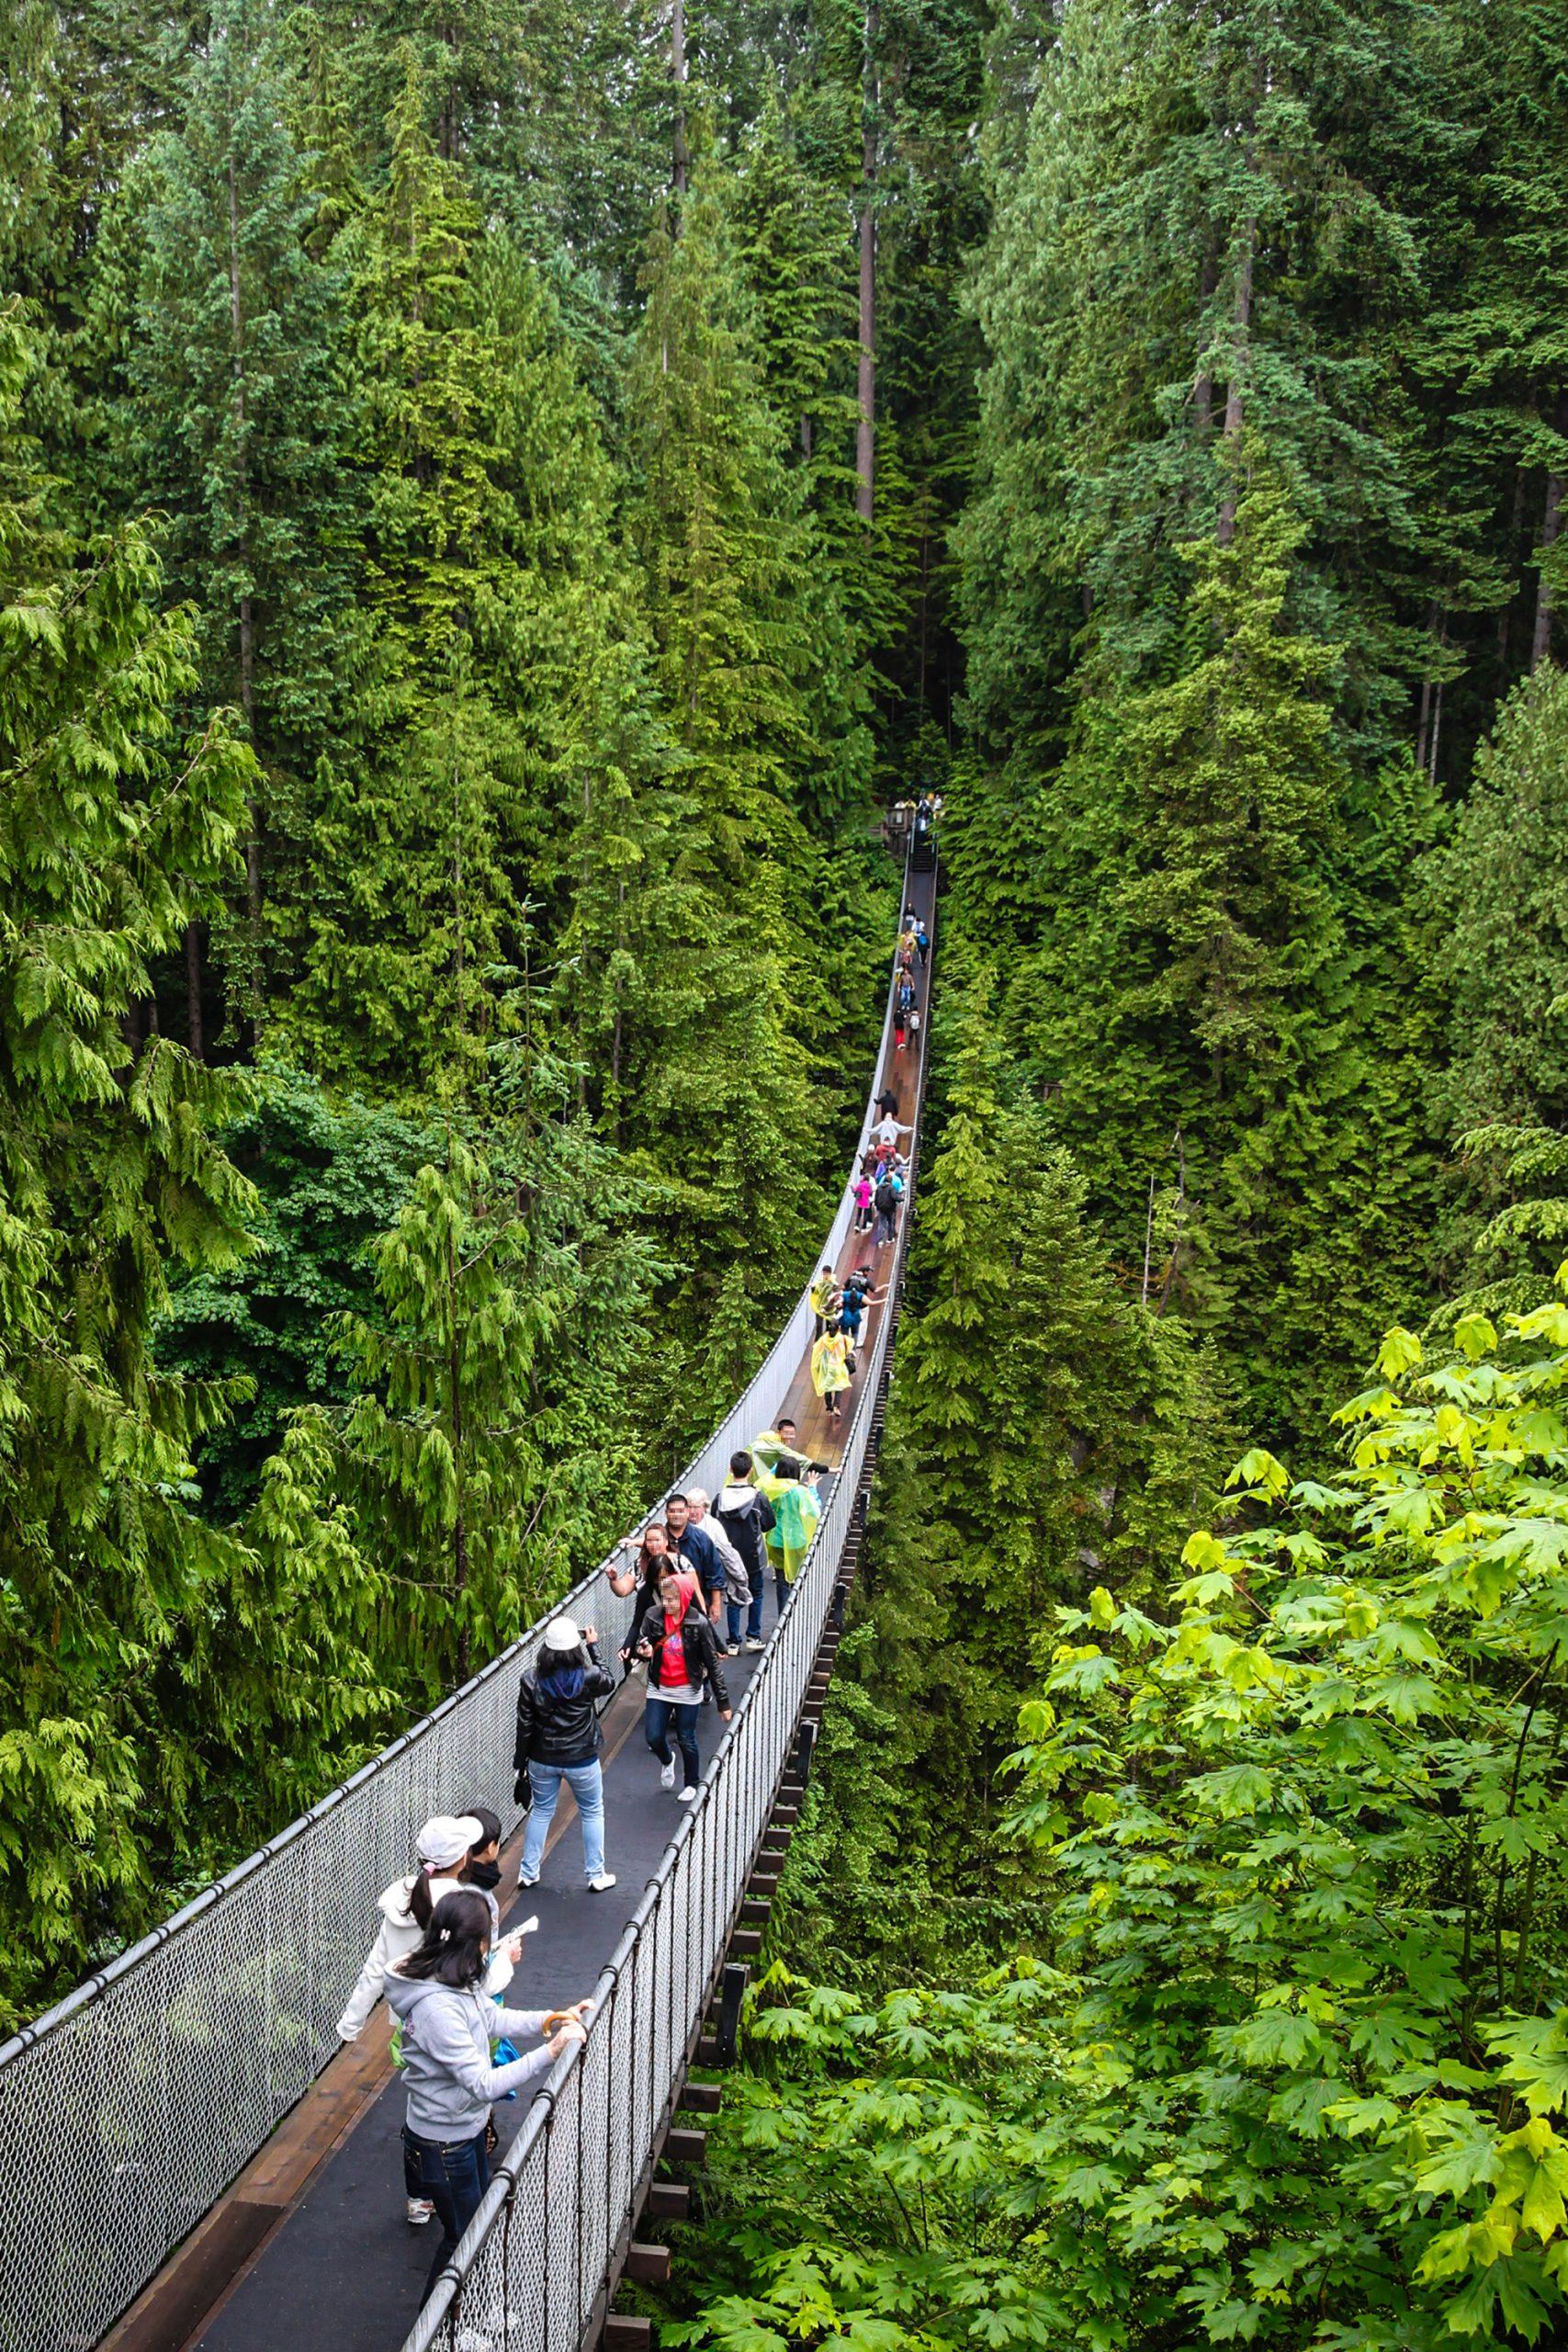 The famous suspension bridge at Capilano Suspension Bridge Park.